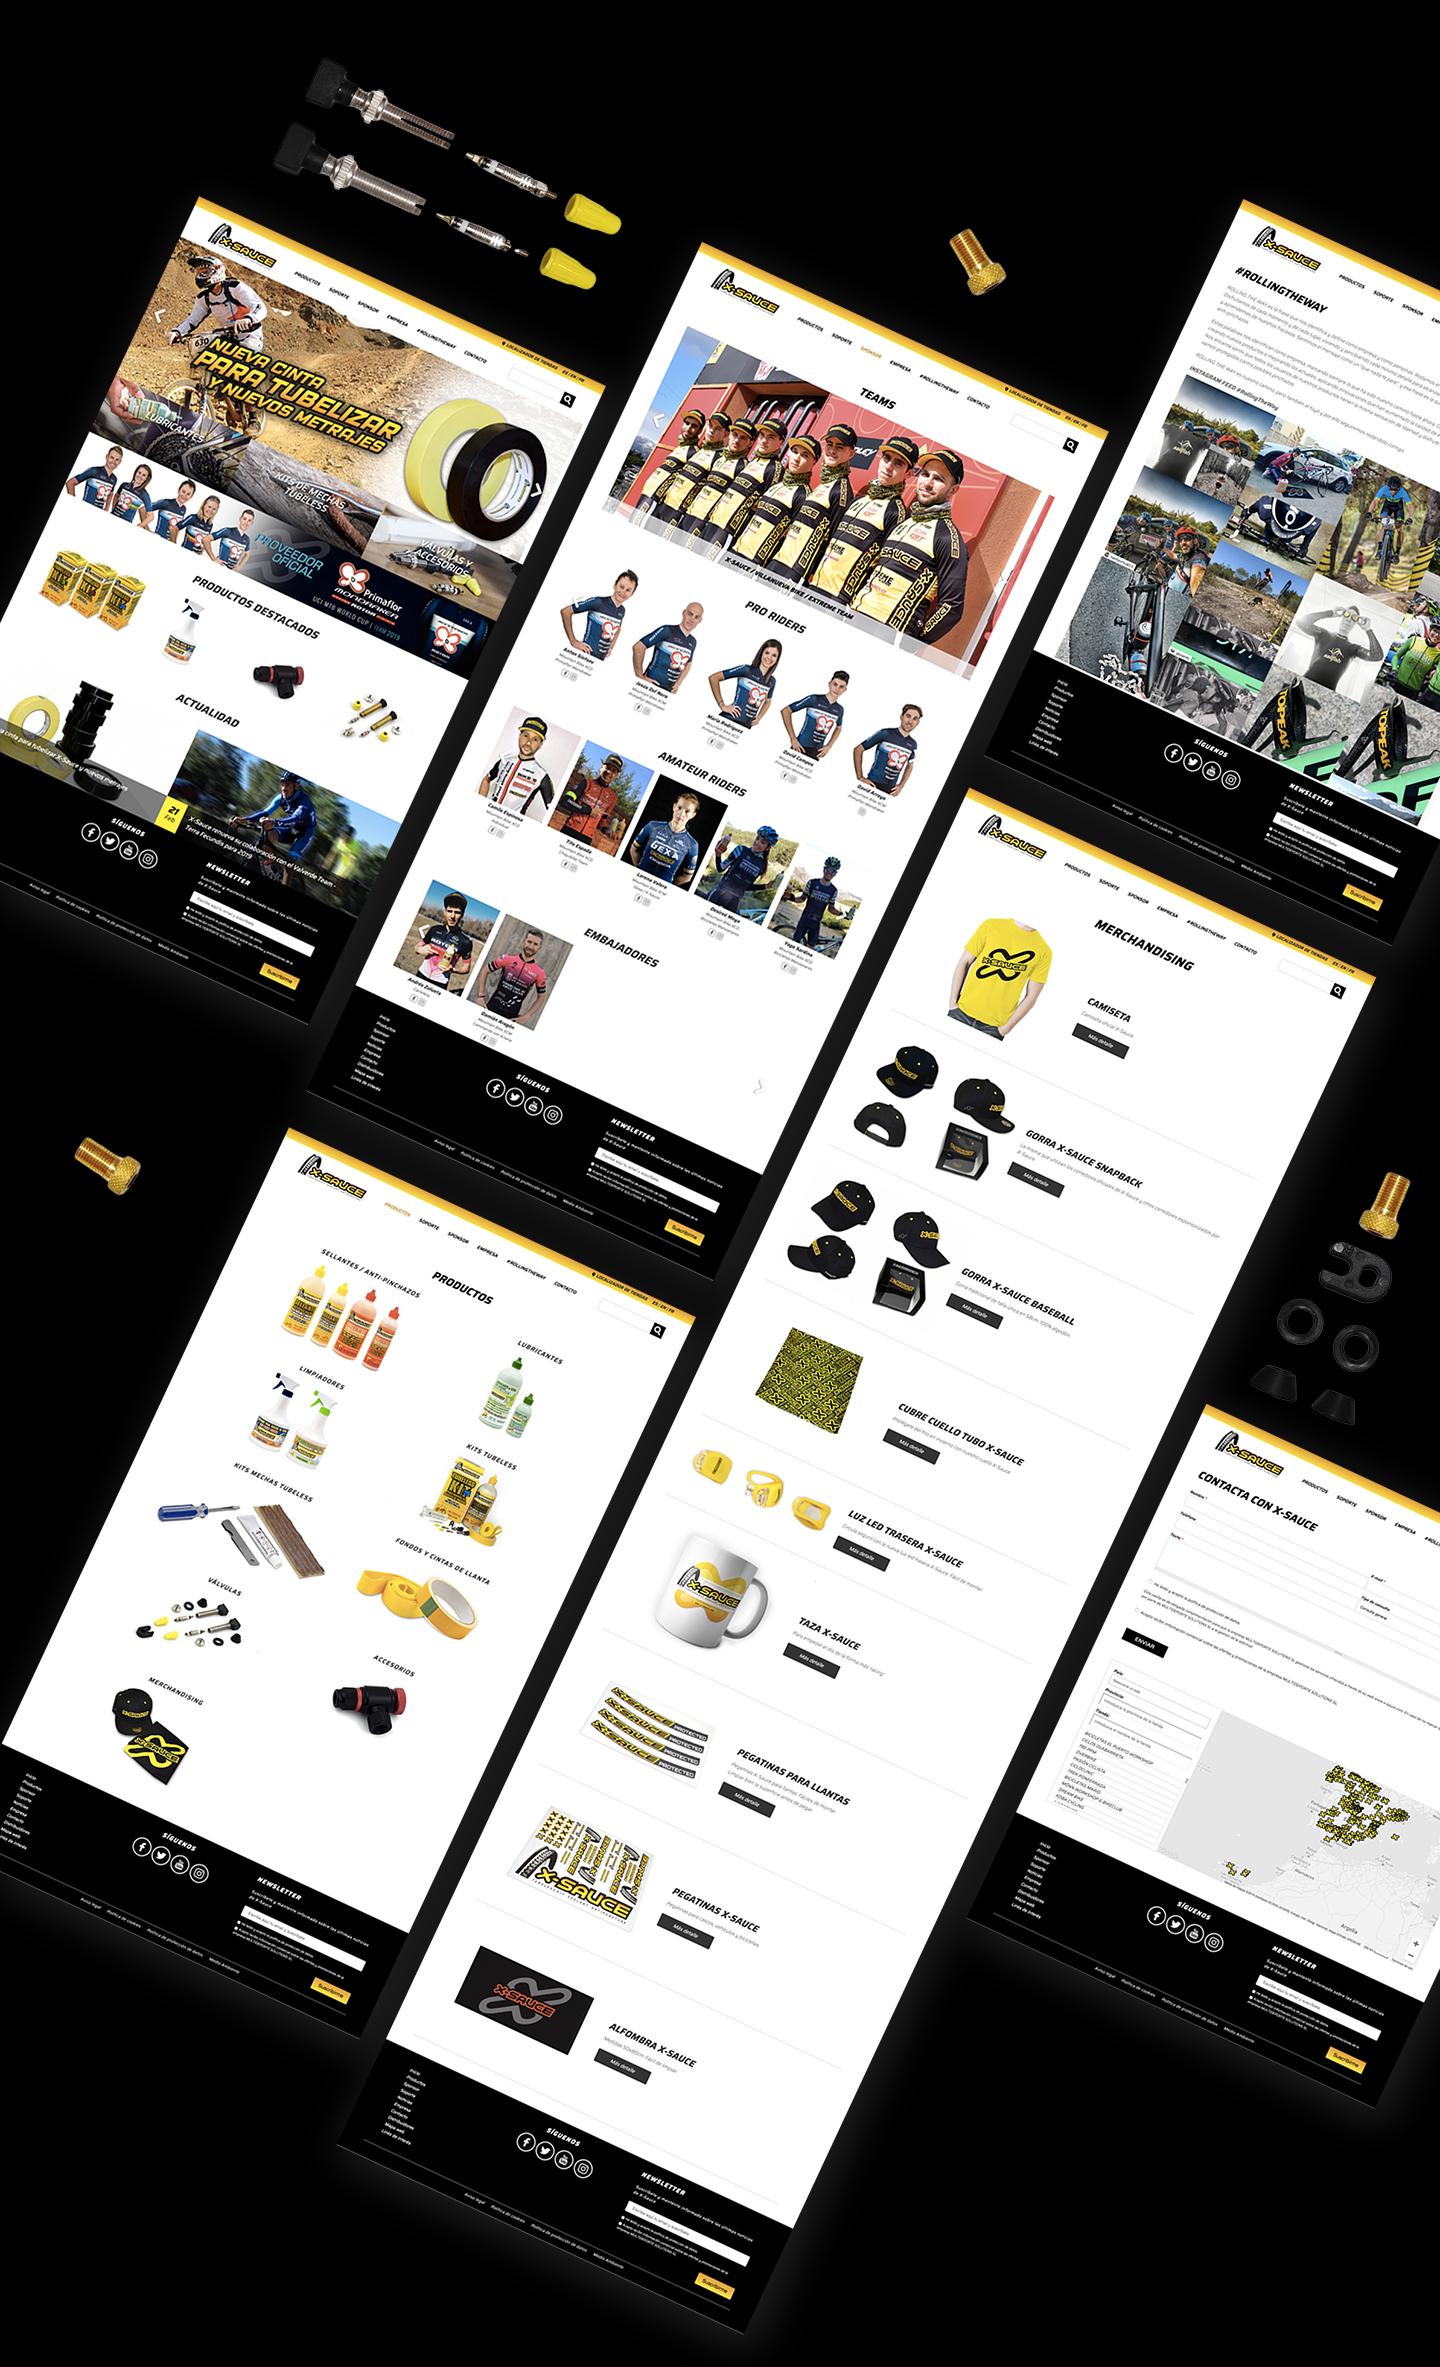 Diseño de páginas web corporativas a medida. Estudio de diseño en Murcia, Madrid y Panamá City | Nómadas Comunicación Creativa.